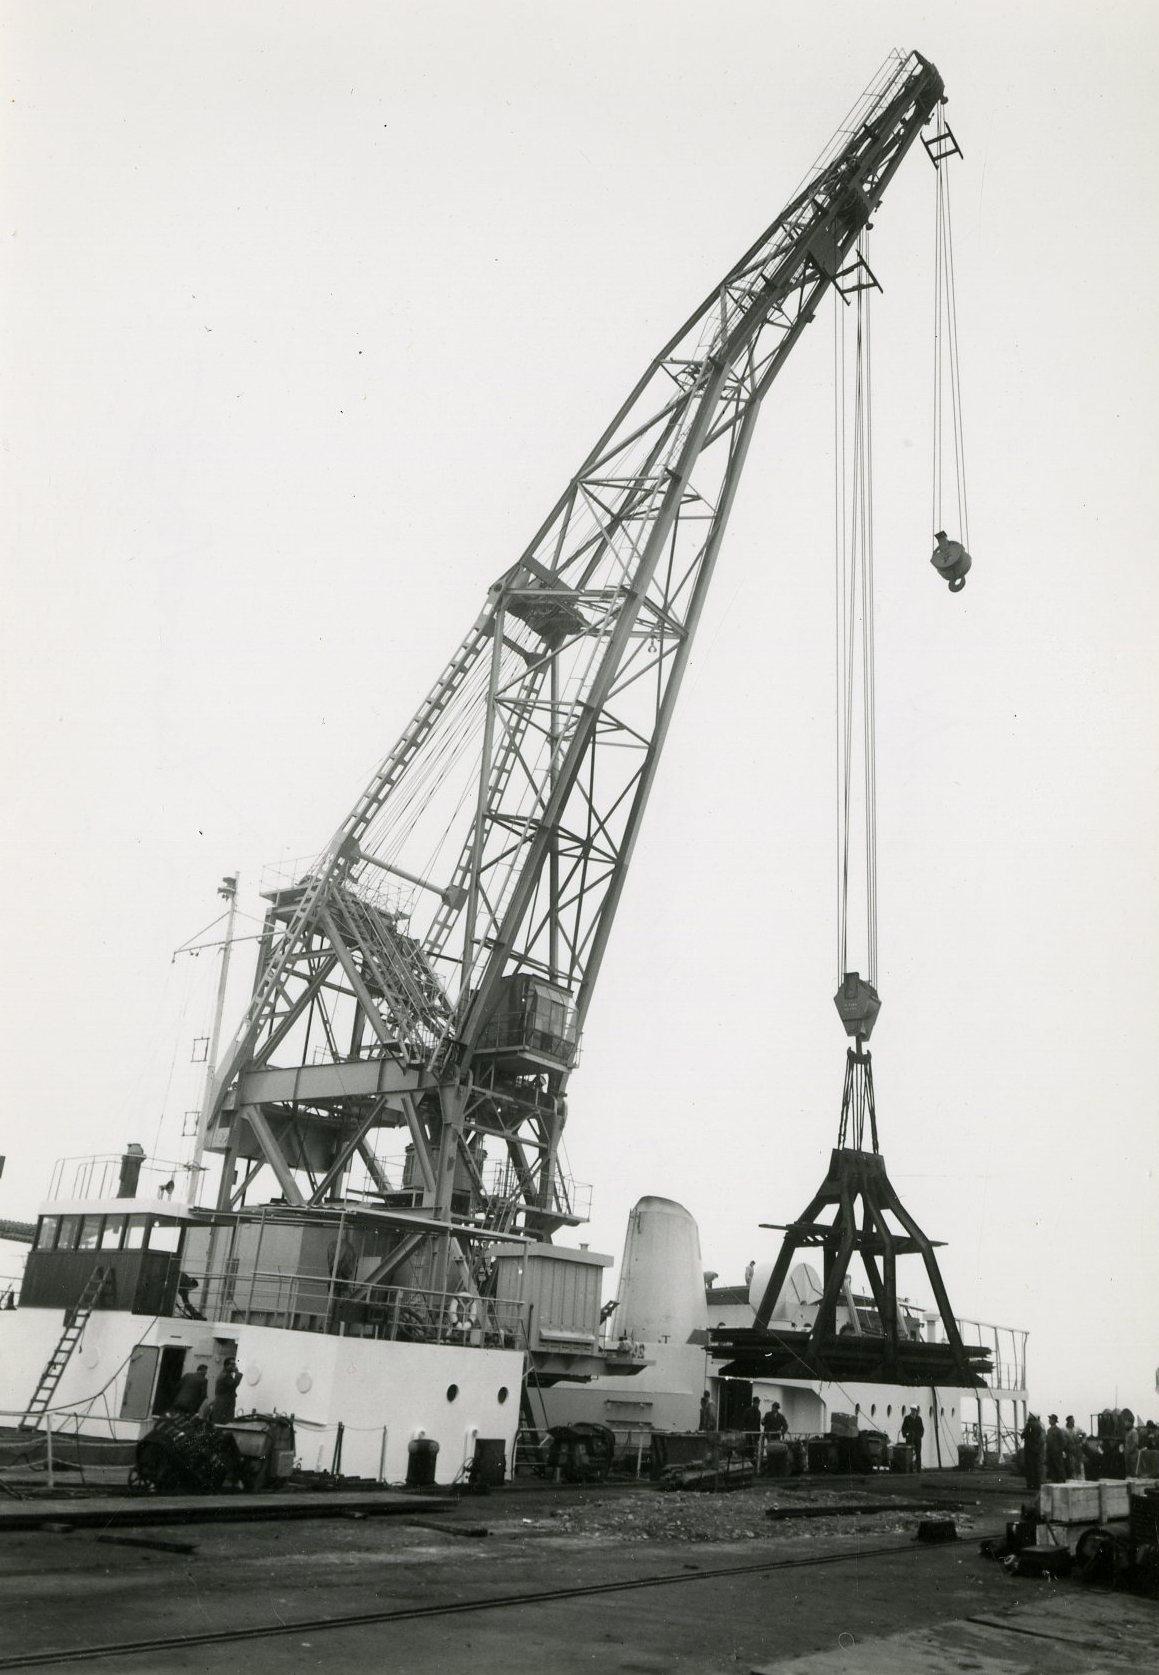 Bnr. 1110: Maha Bahu (1963)